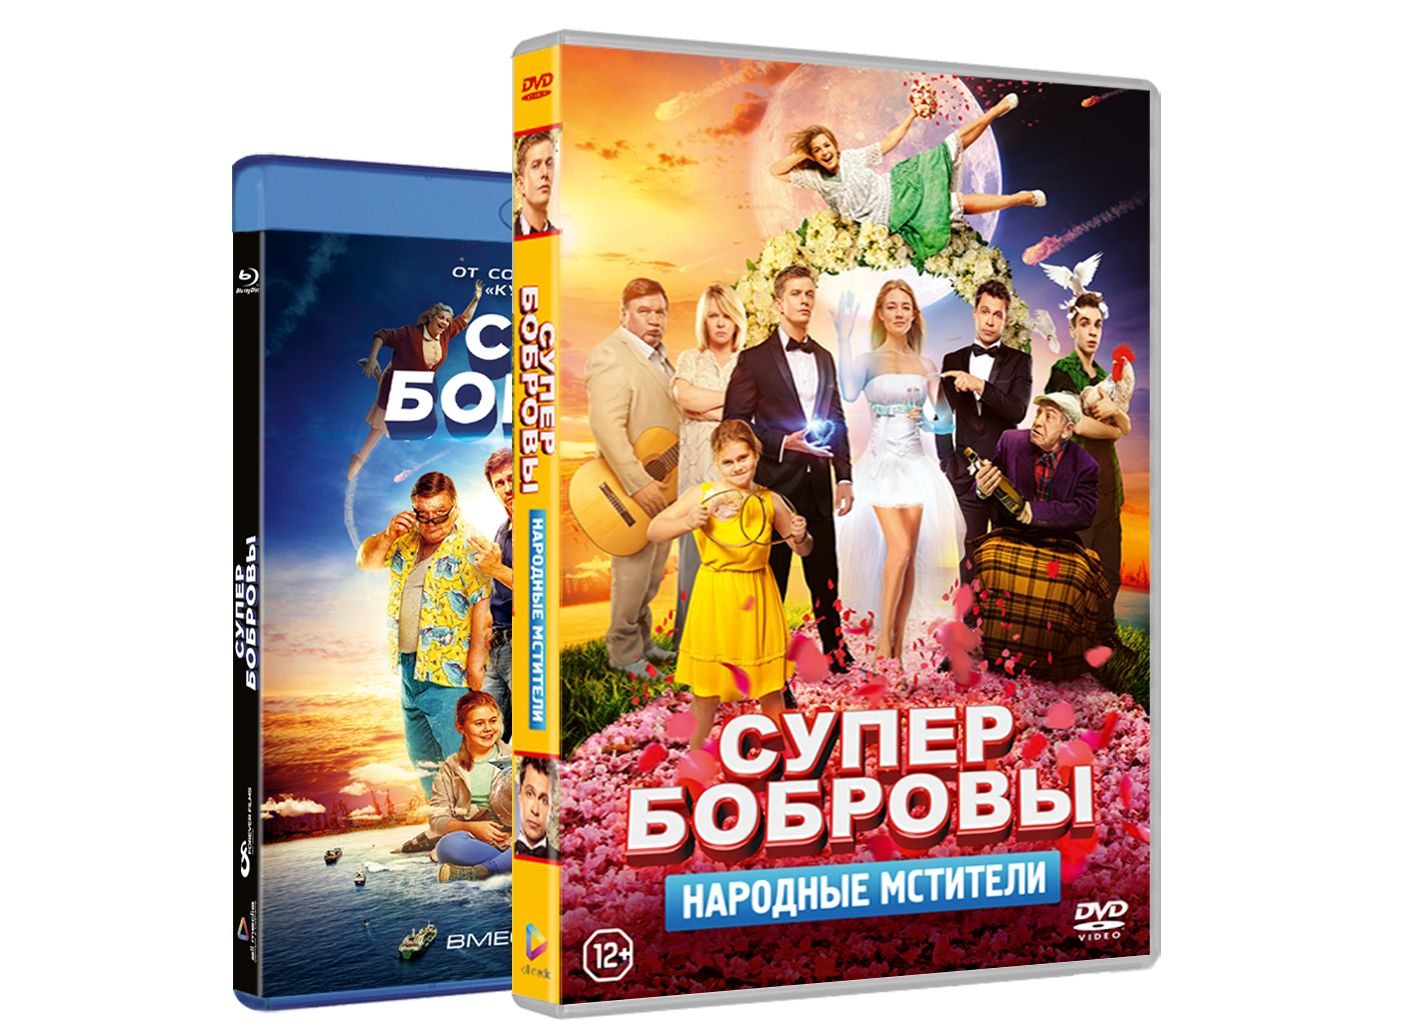 СуперБобровы: Народные мстители / СуперБобровы (DVD + Blu-ray) супербобровы народные мстители супербобровы dvd blu ray